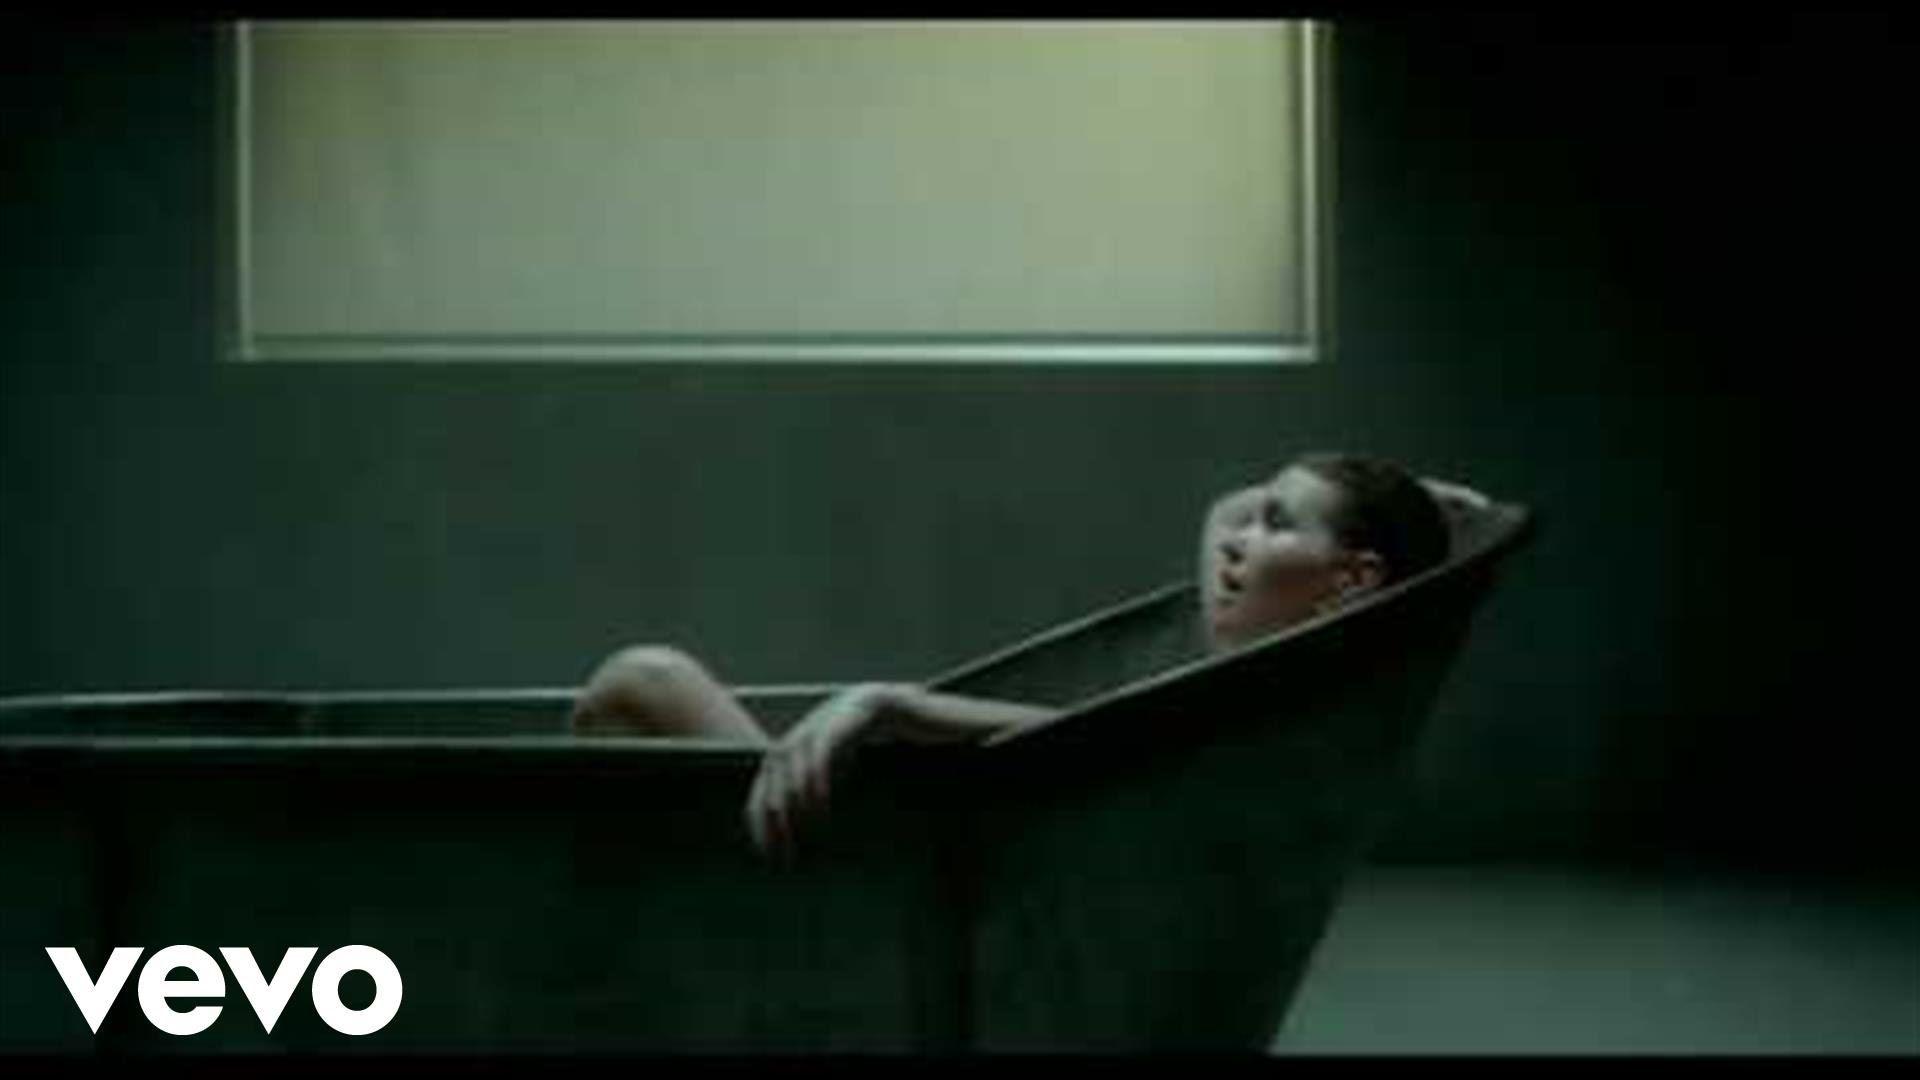 Dido Life For Rent Album Life For Rent 2003 Segundo Album De Estudio De La Cantante Britanica Dido El Cual Fue Dido Life For Rent Music Videos Dido